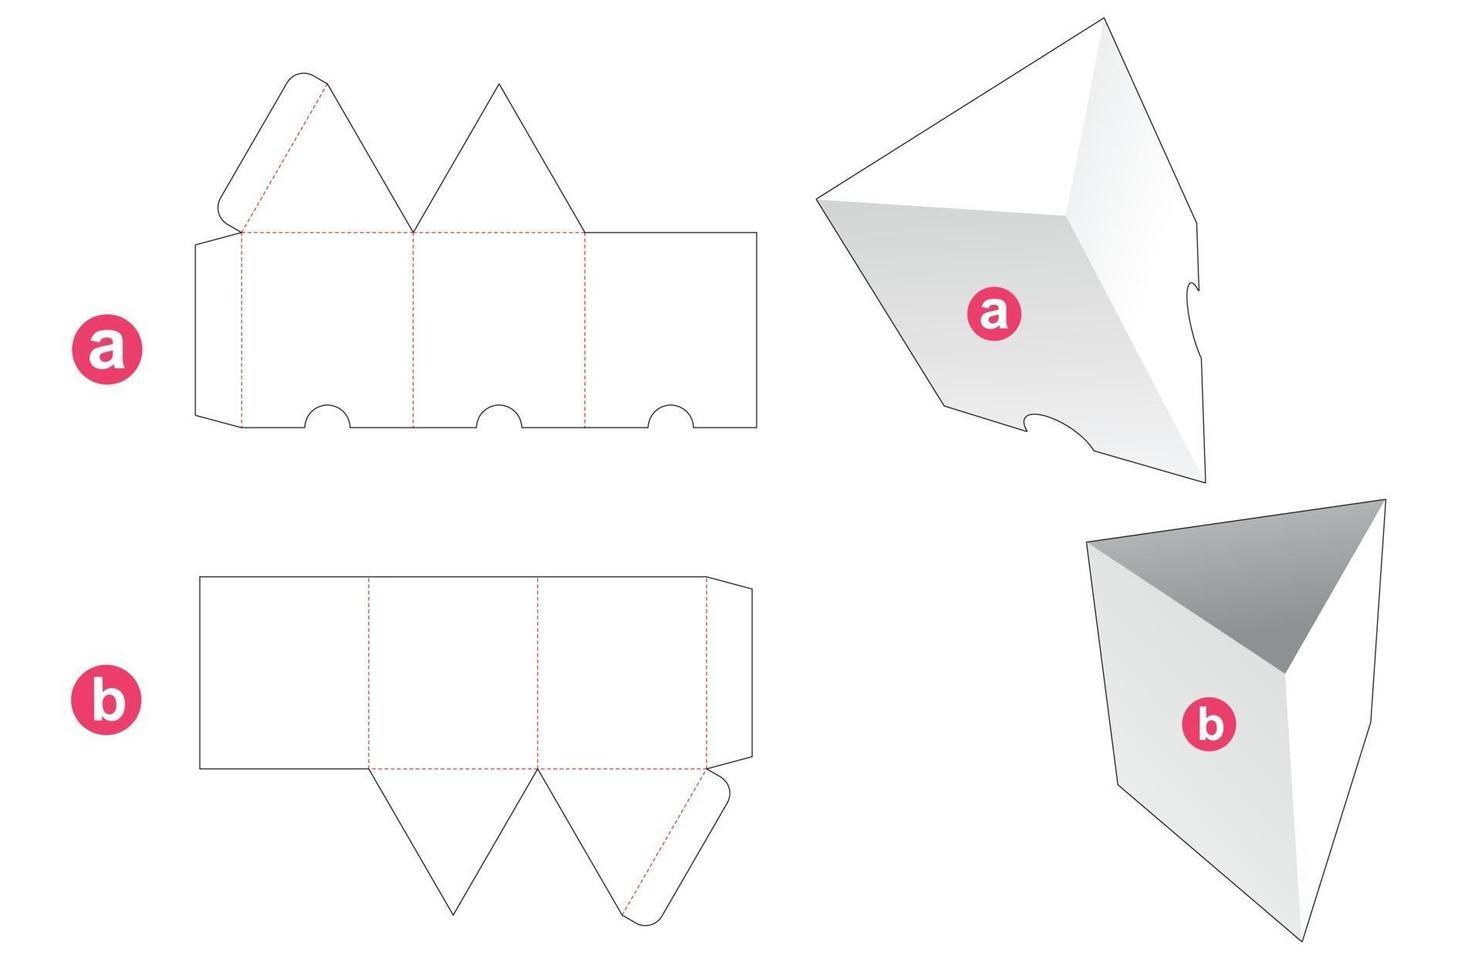 caixa de formato triangular com molde de tampa cortada vetor